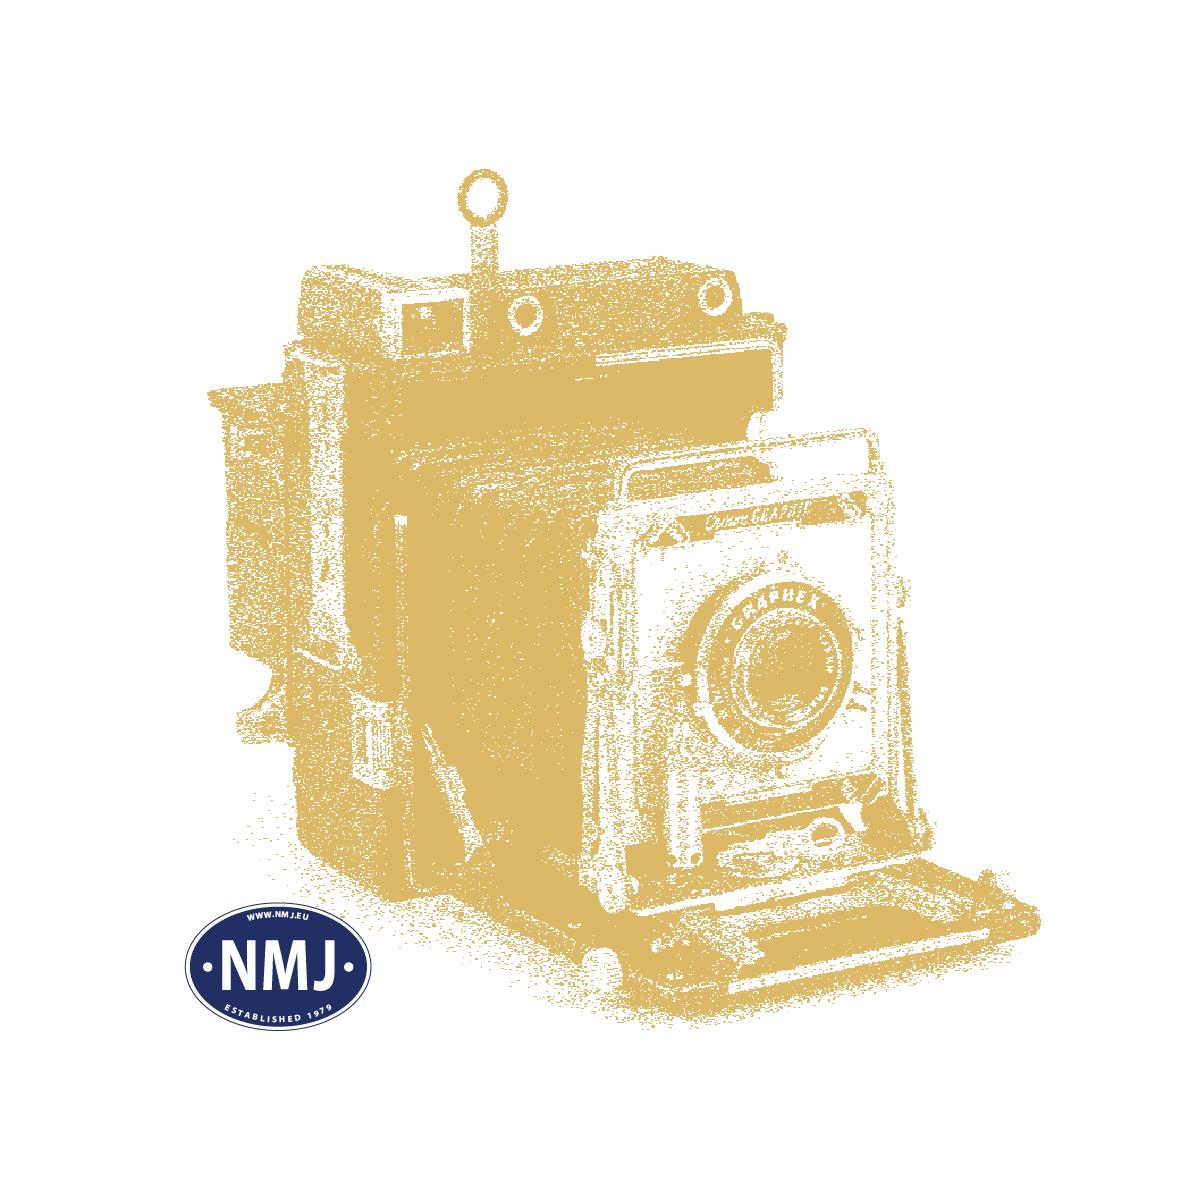 NMJT221.202 - NMJ Topline SJ Personvogn Bo8d 3800